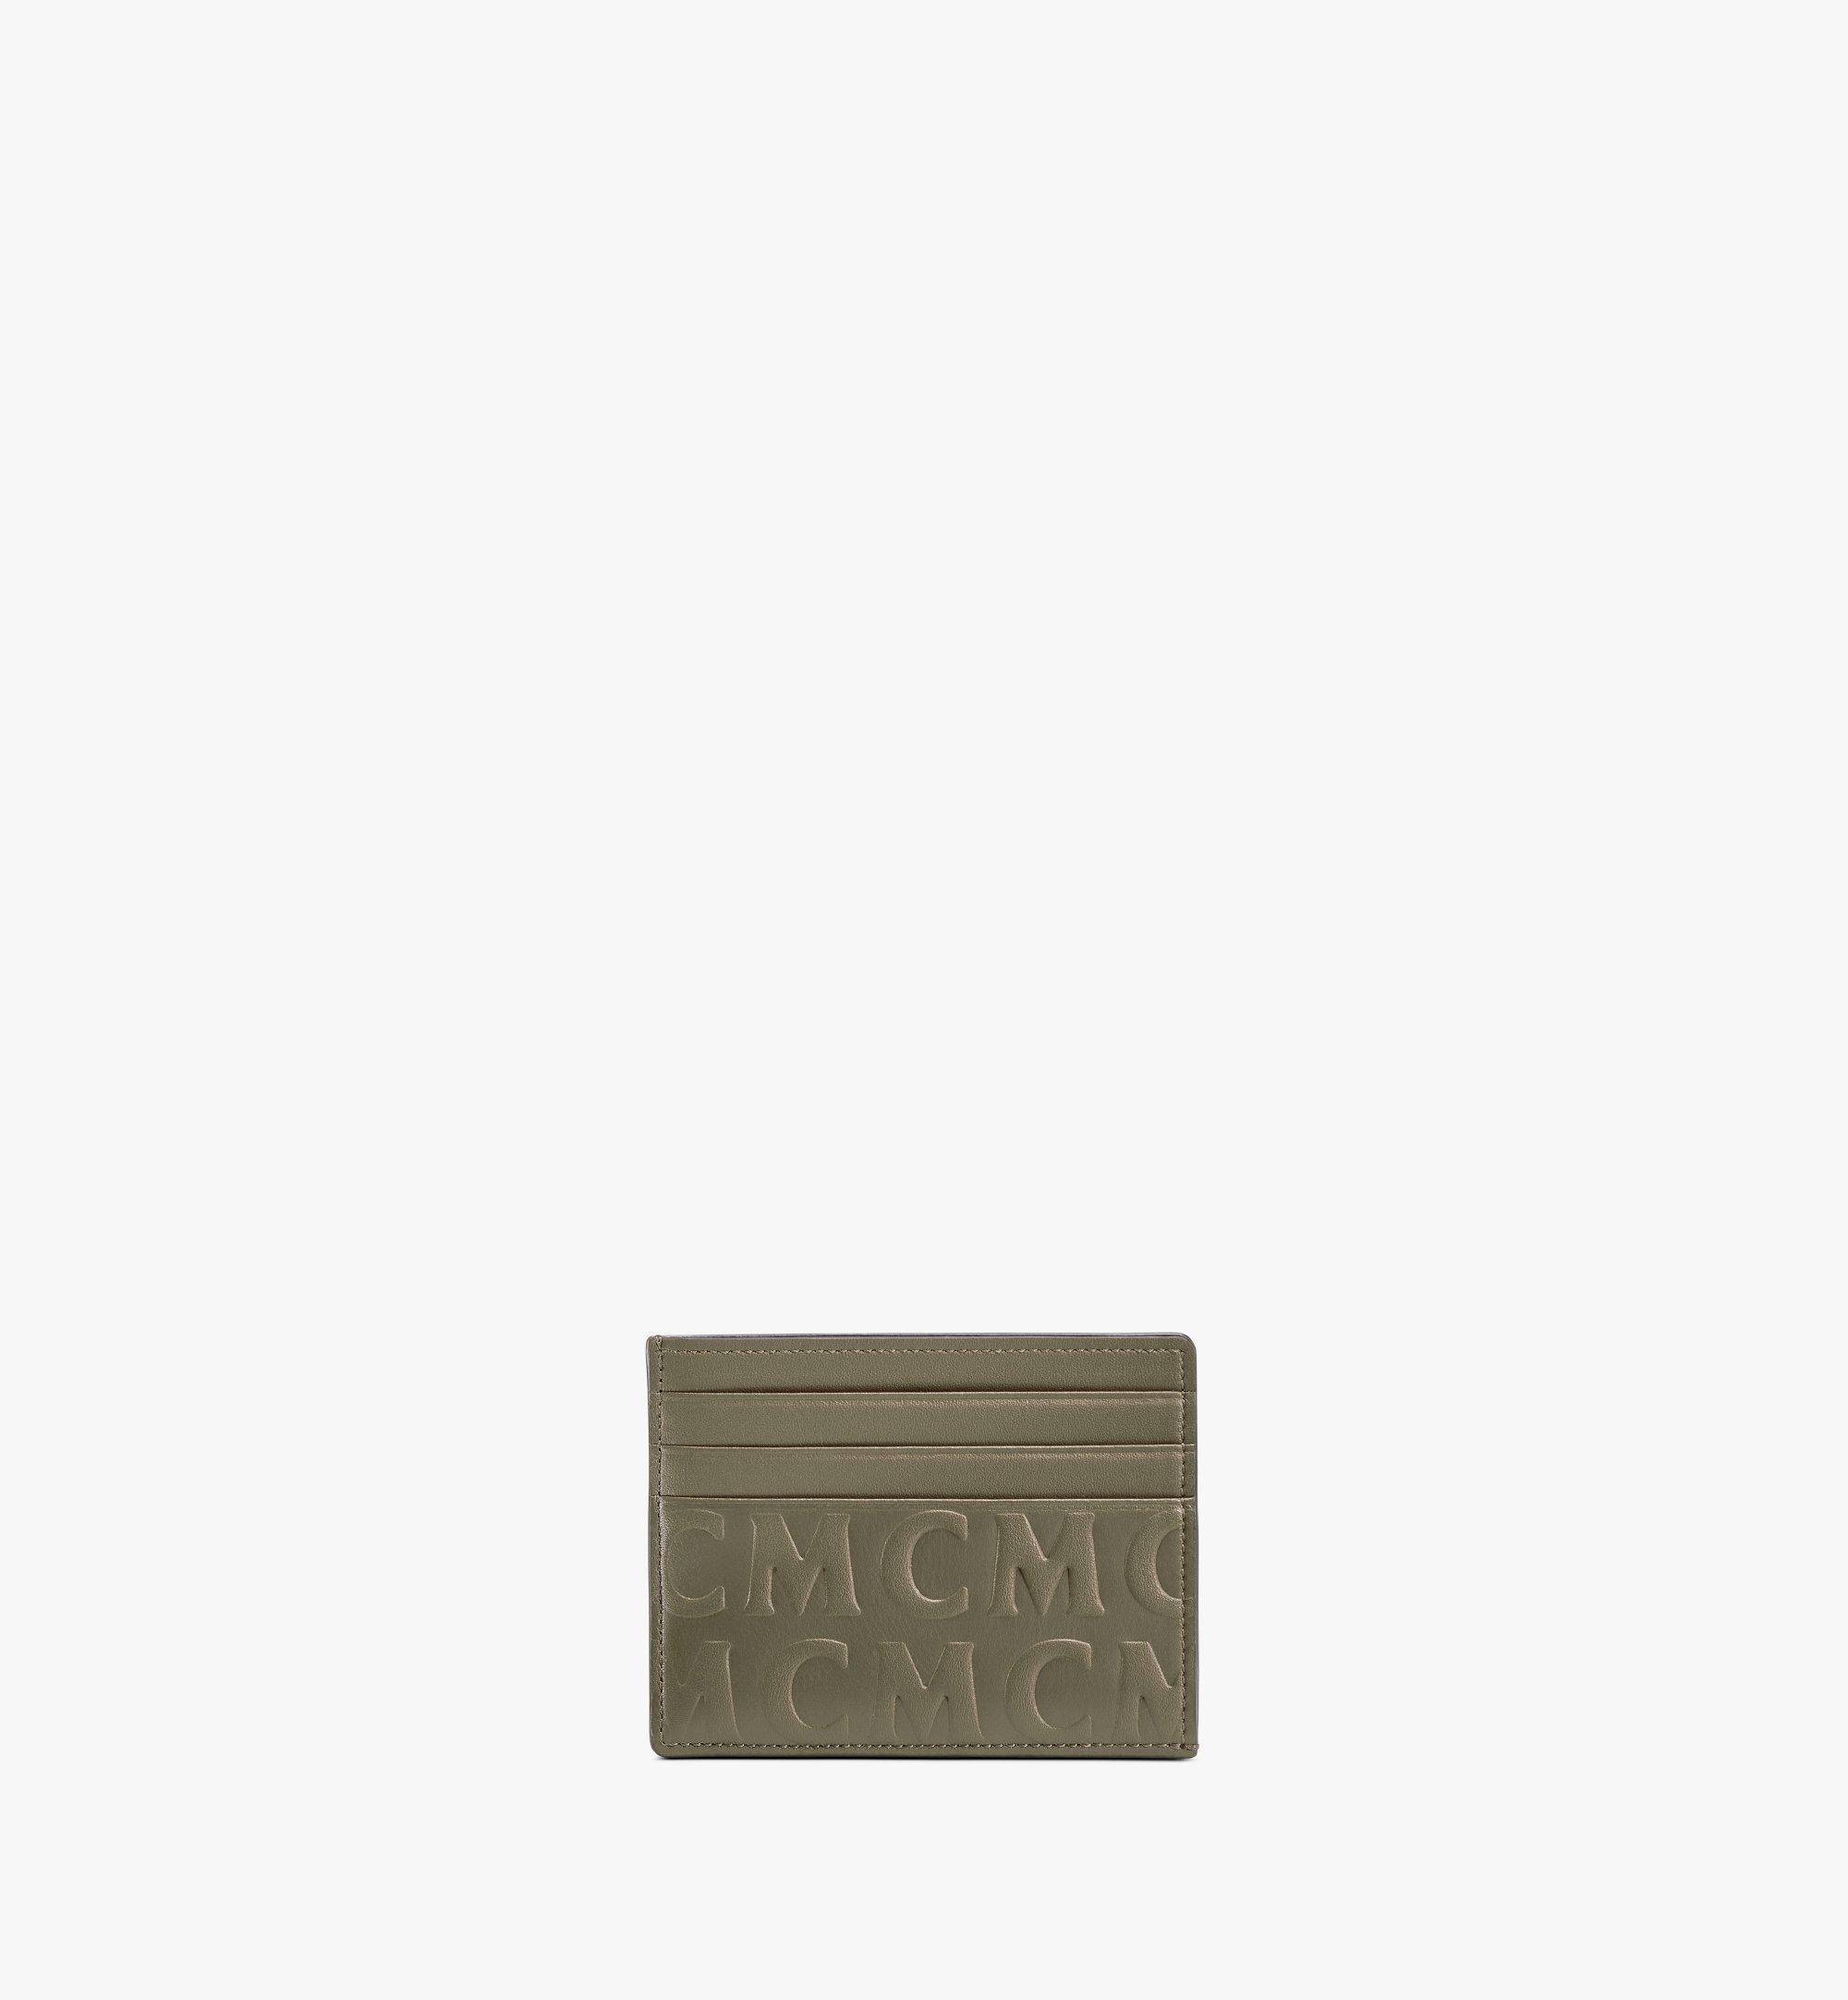 MCM Kartenetui aus Leder mit MCM-Monogramm Green MXAAAMD01JH001 Noch mehr sehen 1